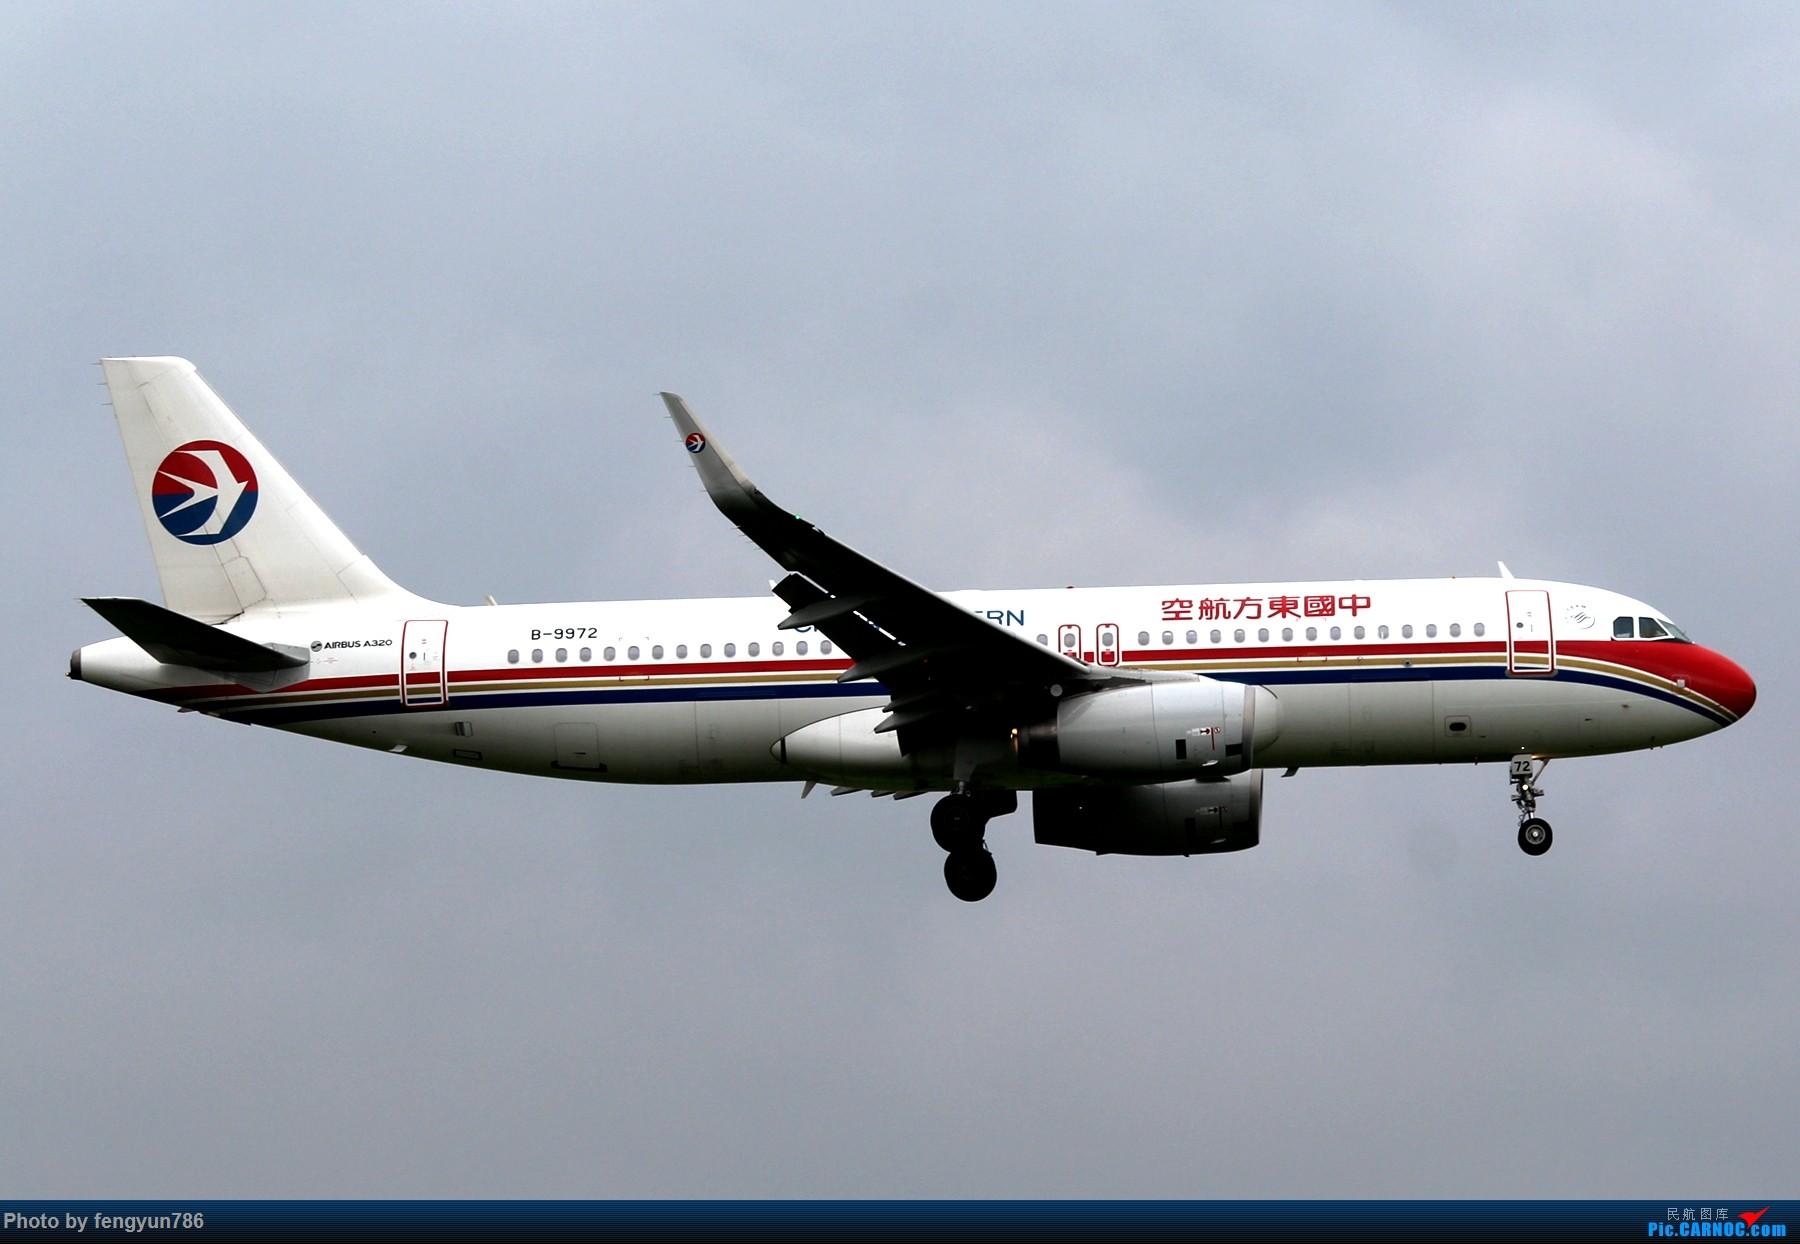 Re:[原创]新人首贴,6.18 SHA流水账 AIRBUS A320-200 B-9972 中国上海虹桥国际机场